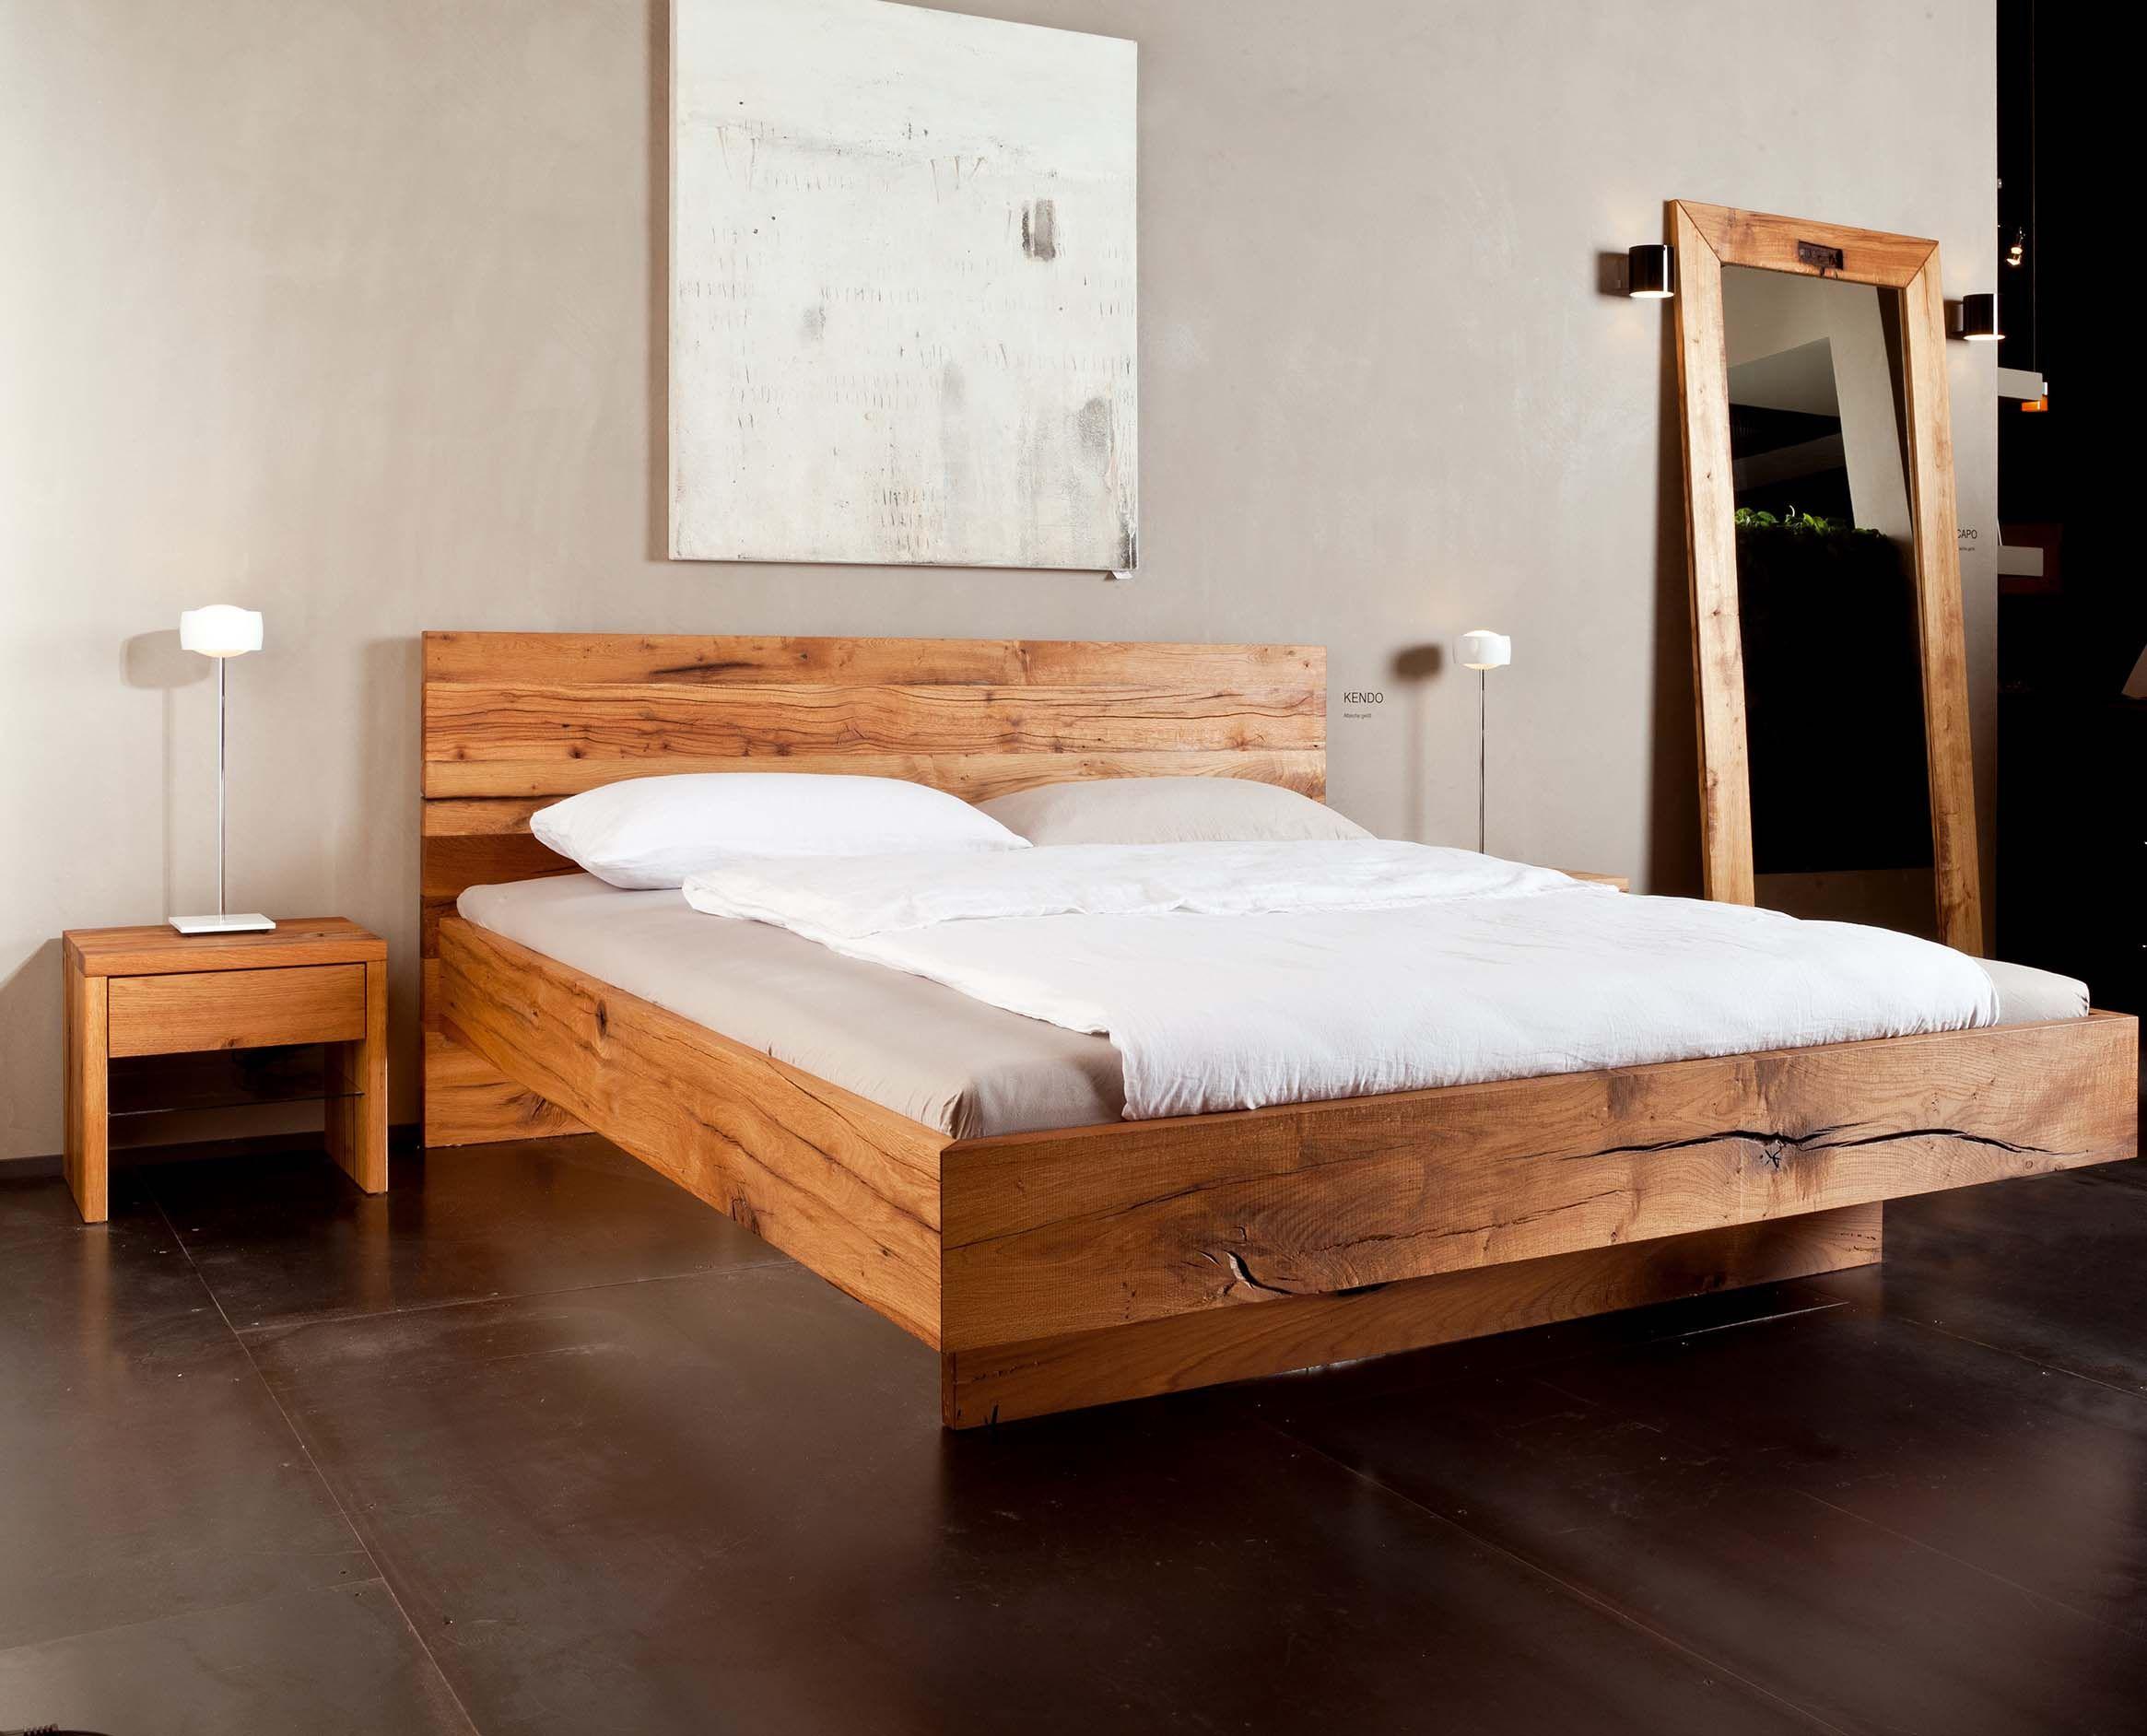 Pin von Christiane auf Betten/Schlafzimmer/Massivholz